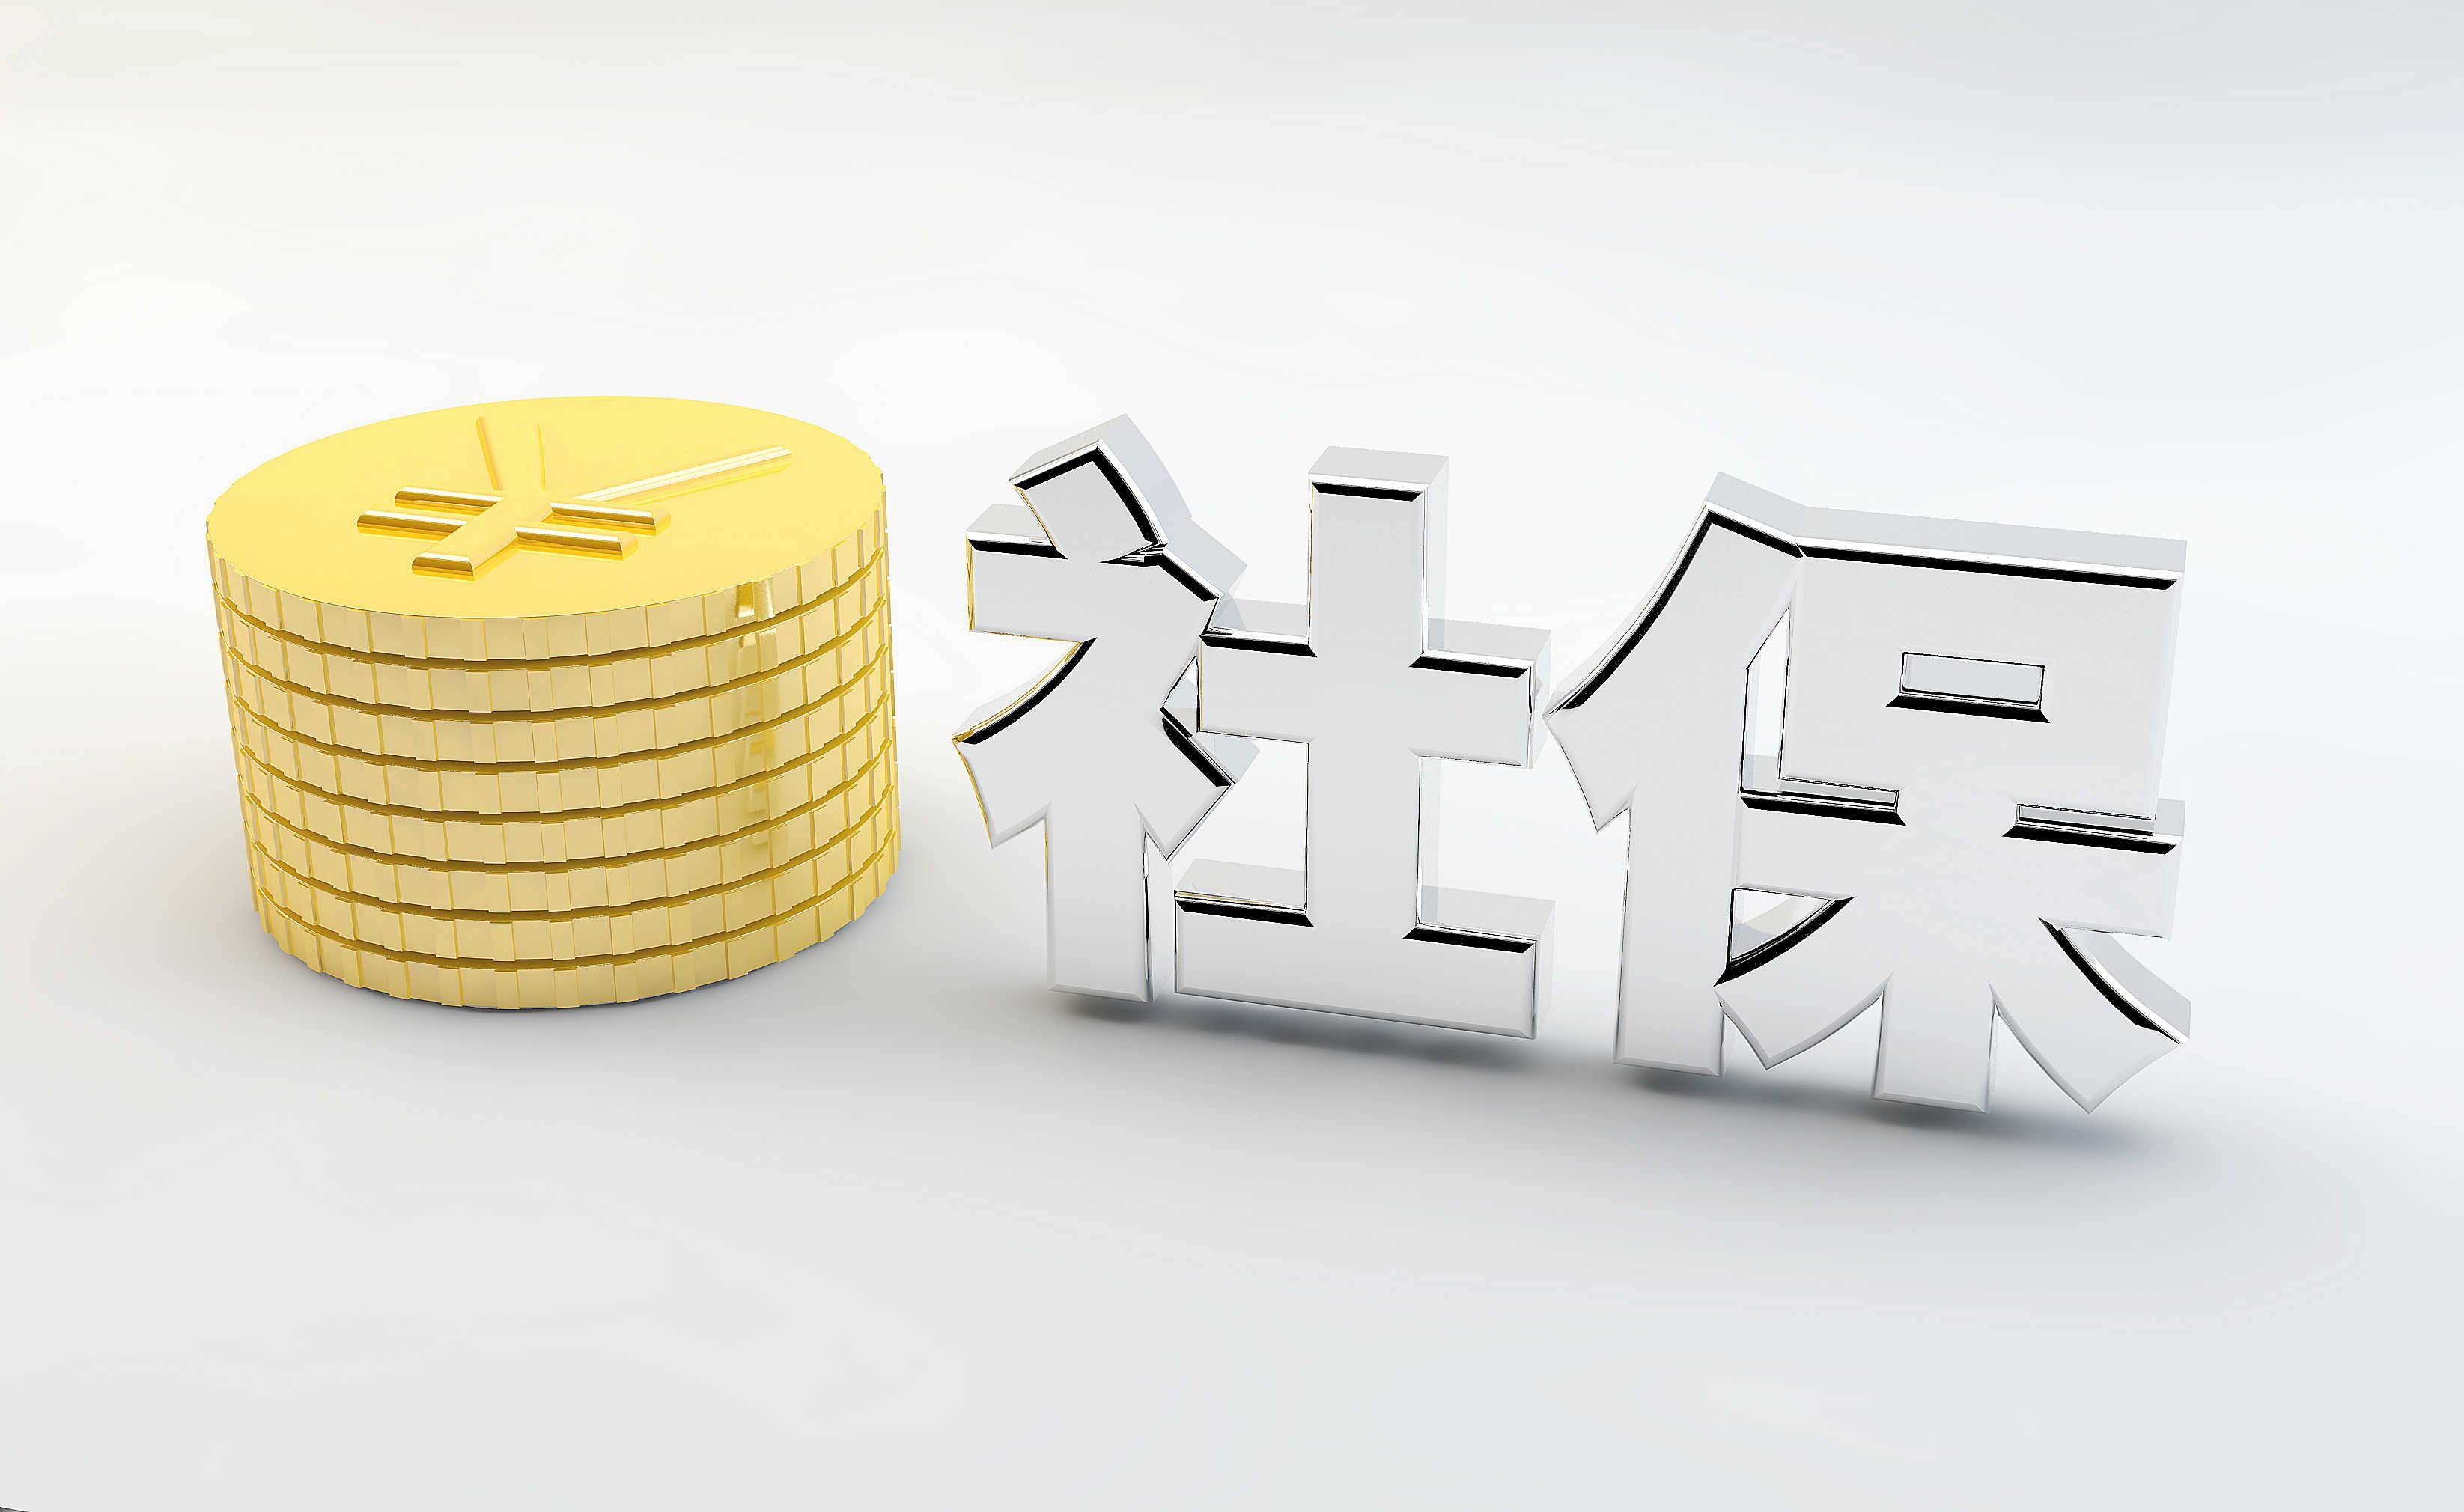 企业社保代缴缴费基数怎么算,代缴社保的公司,代理社保